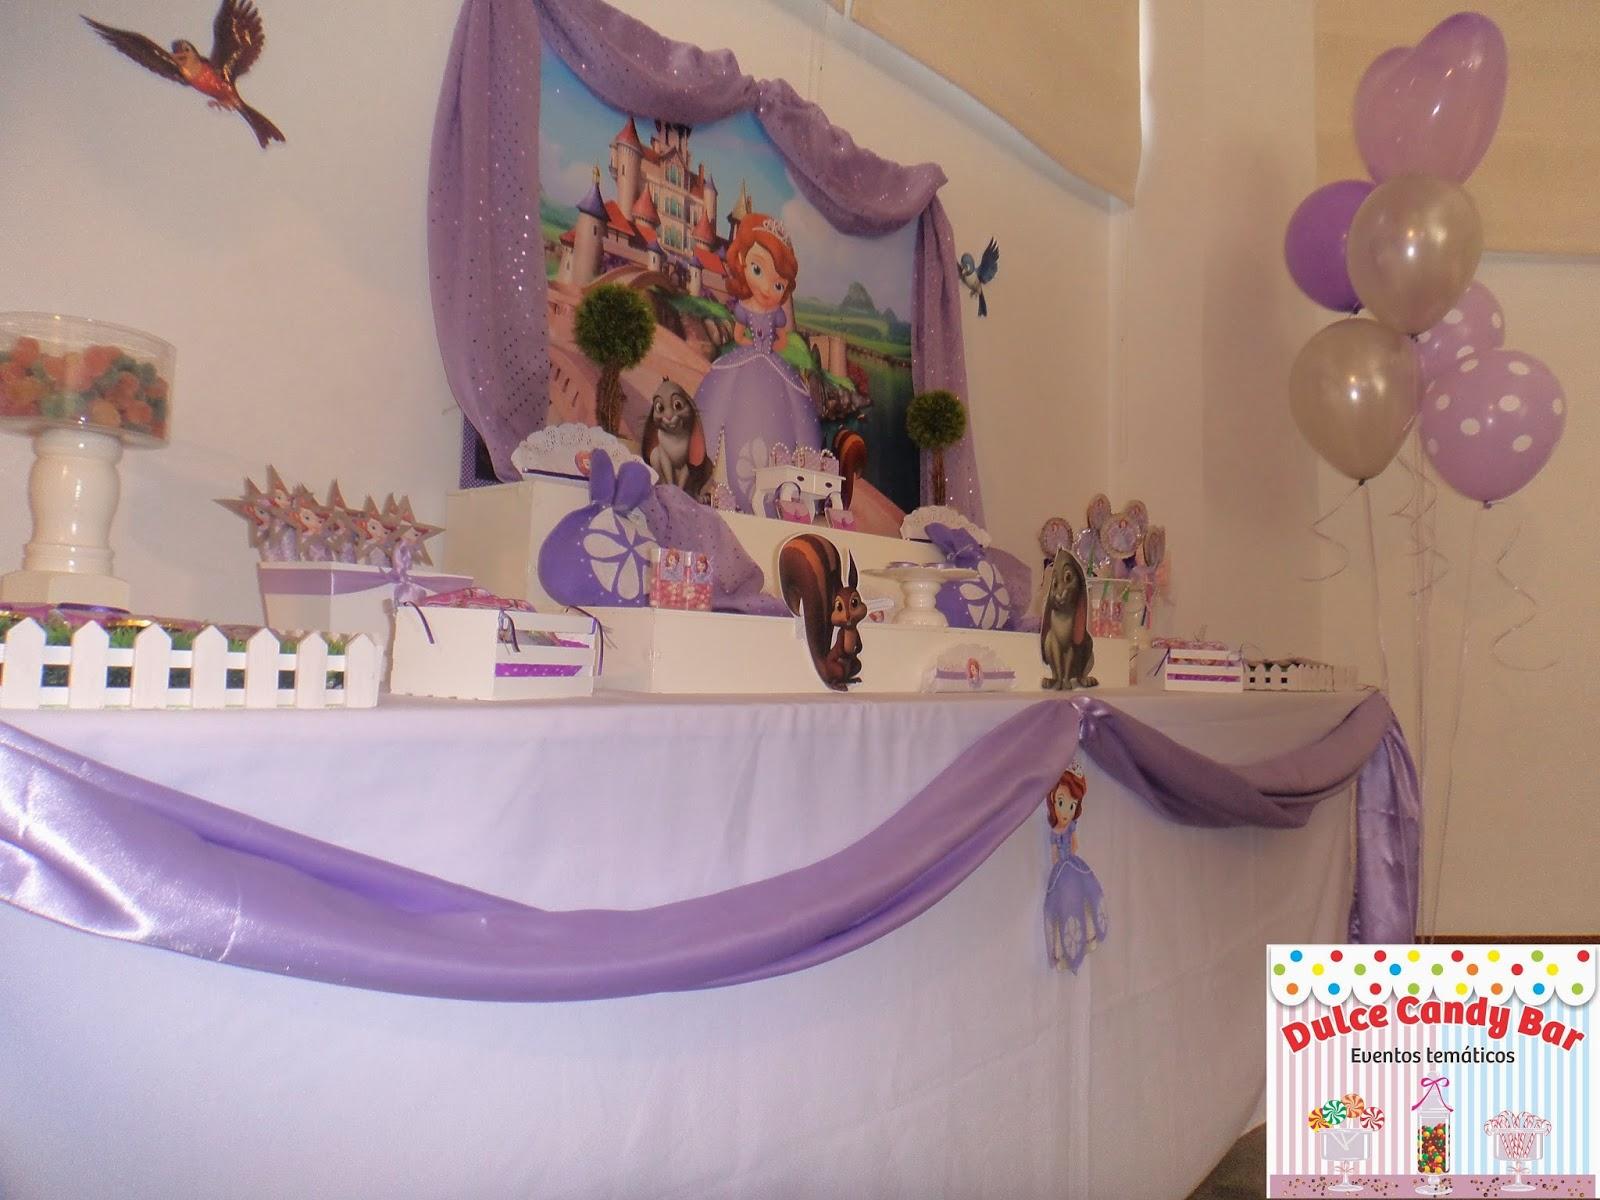 Dulce Candy Bar  Eventos Temticos Candy Princesita Sofa